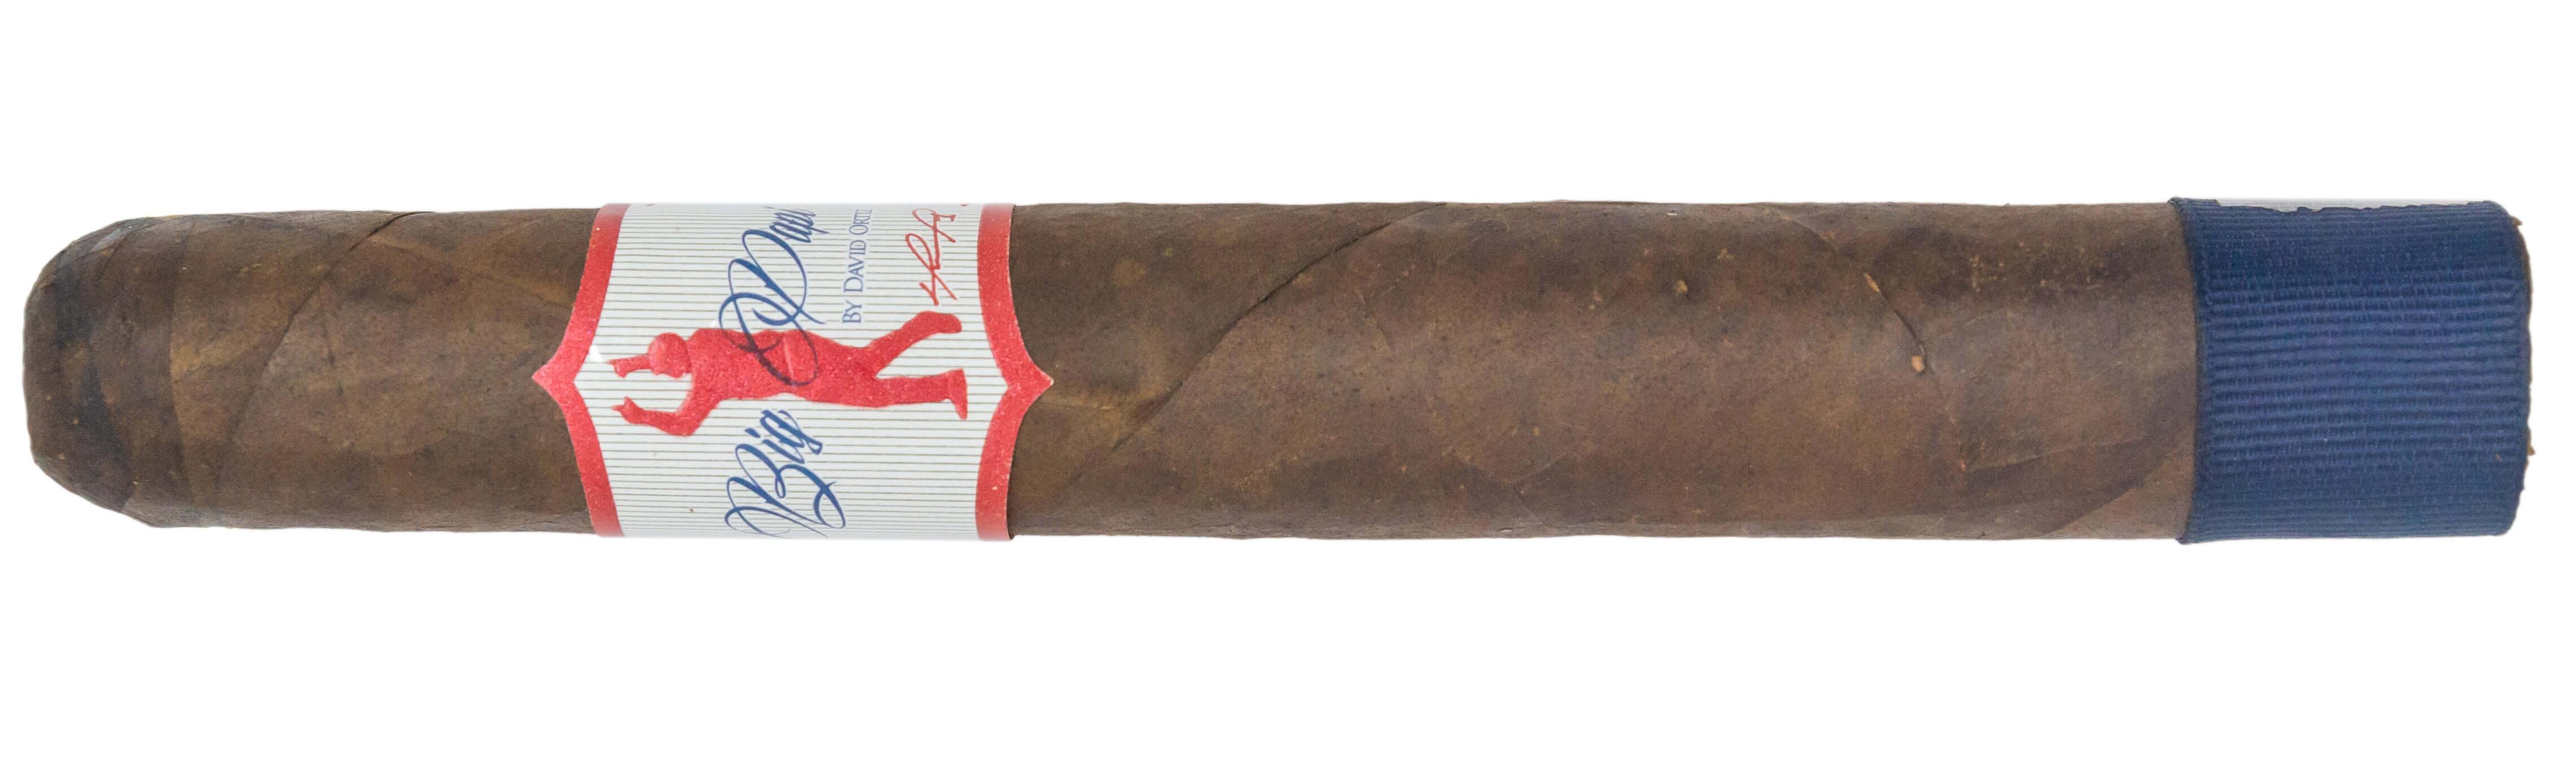 Blind Cigar Review: El Artista | Big Papi Slugger